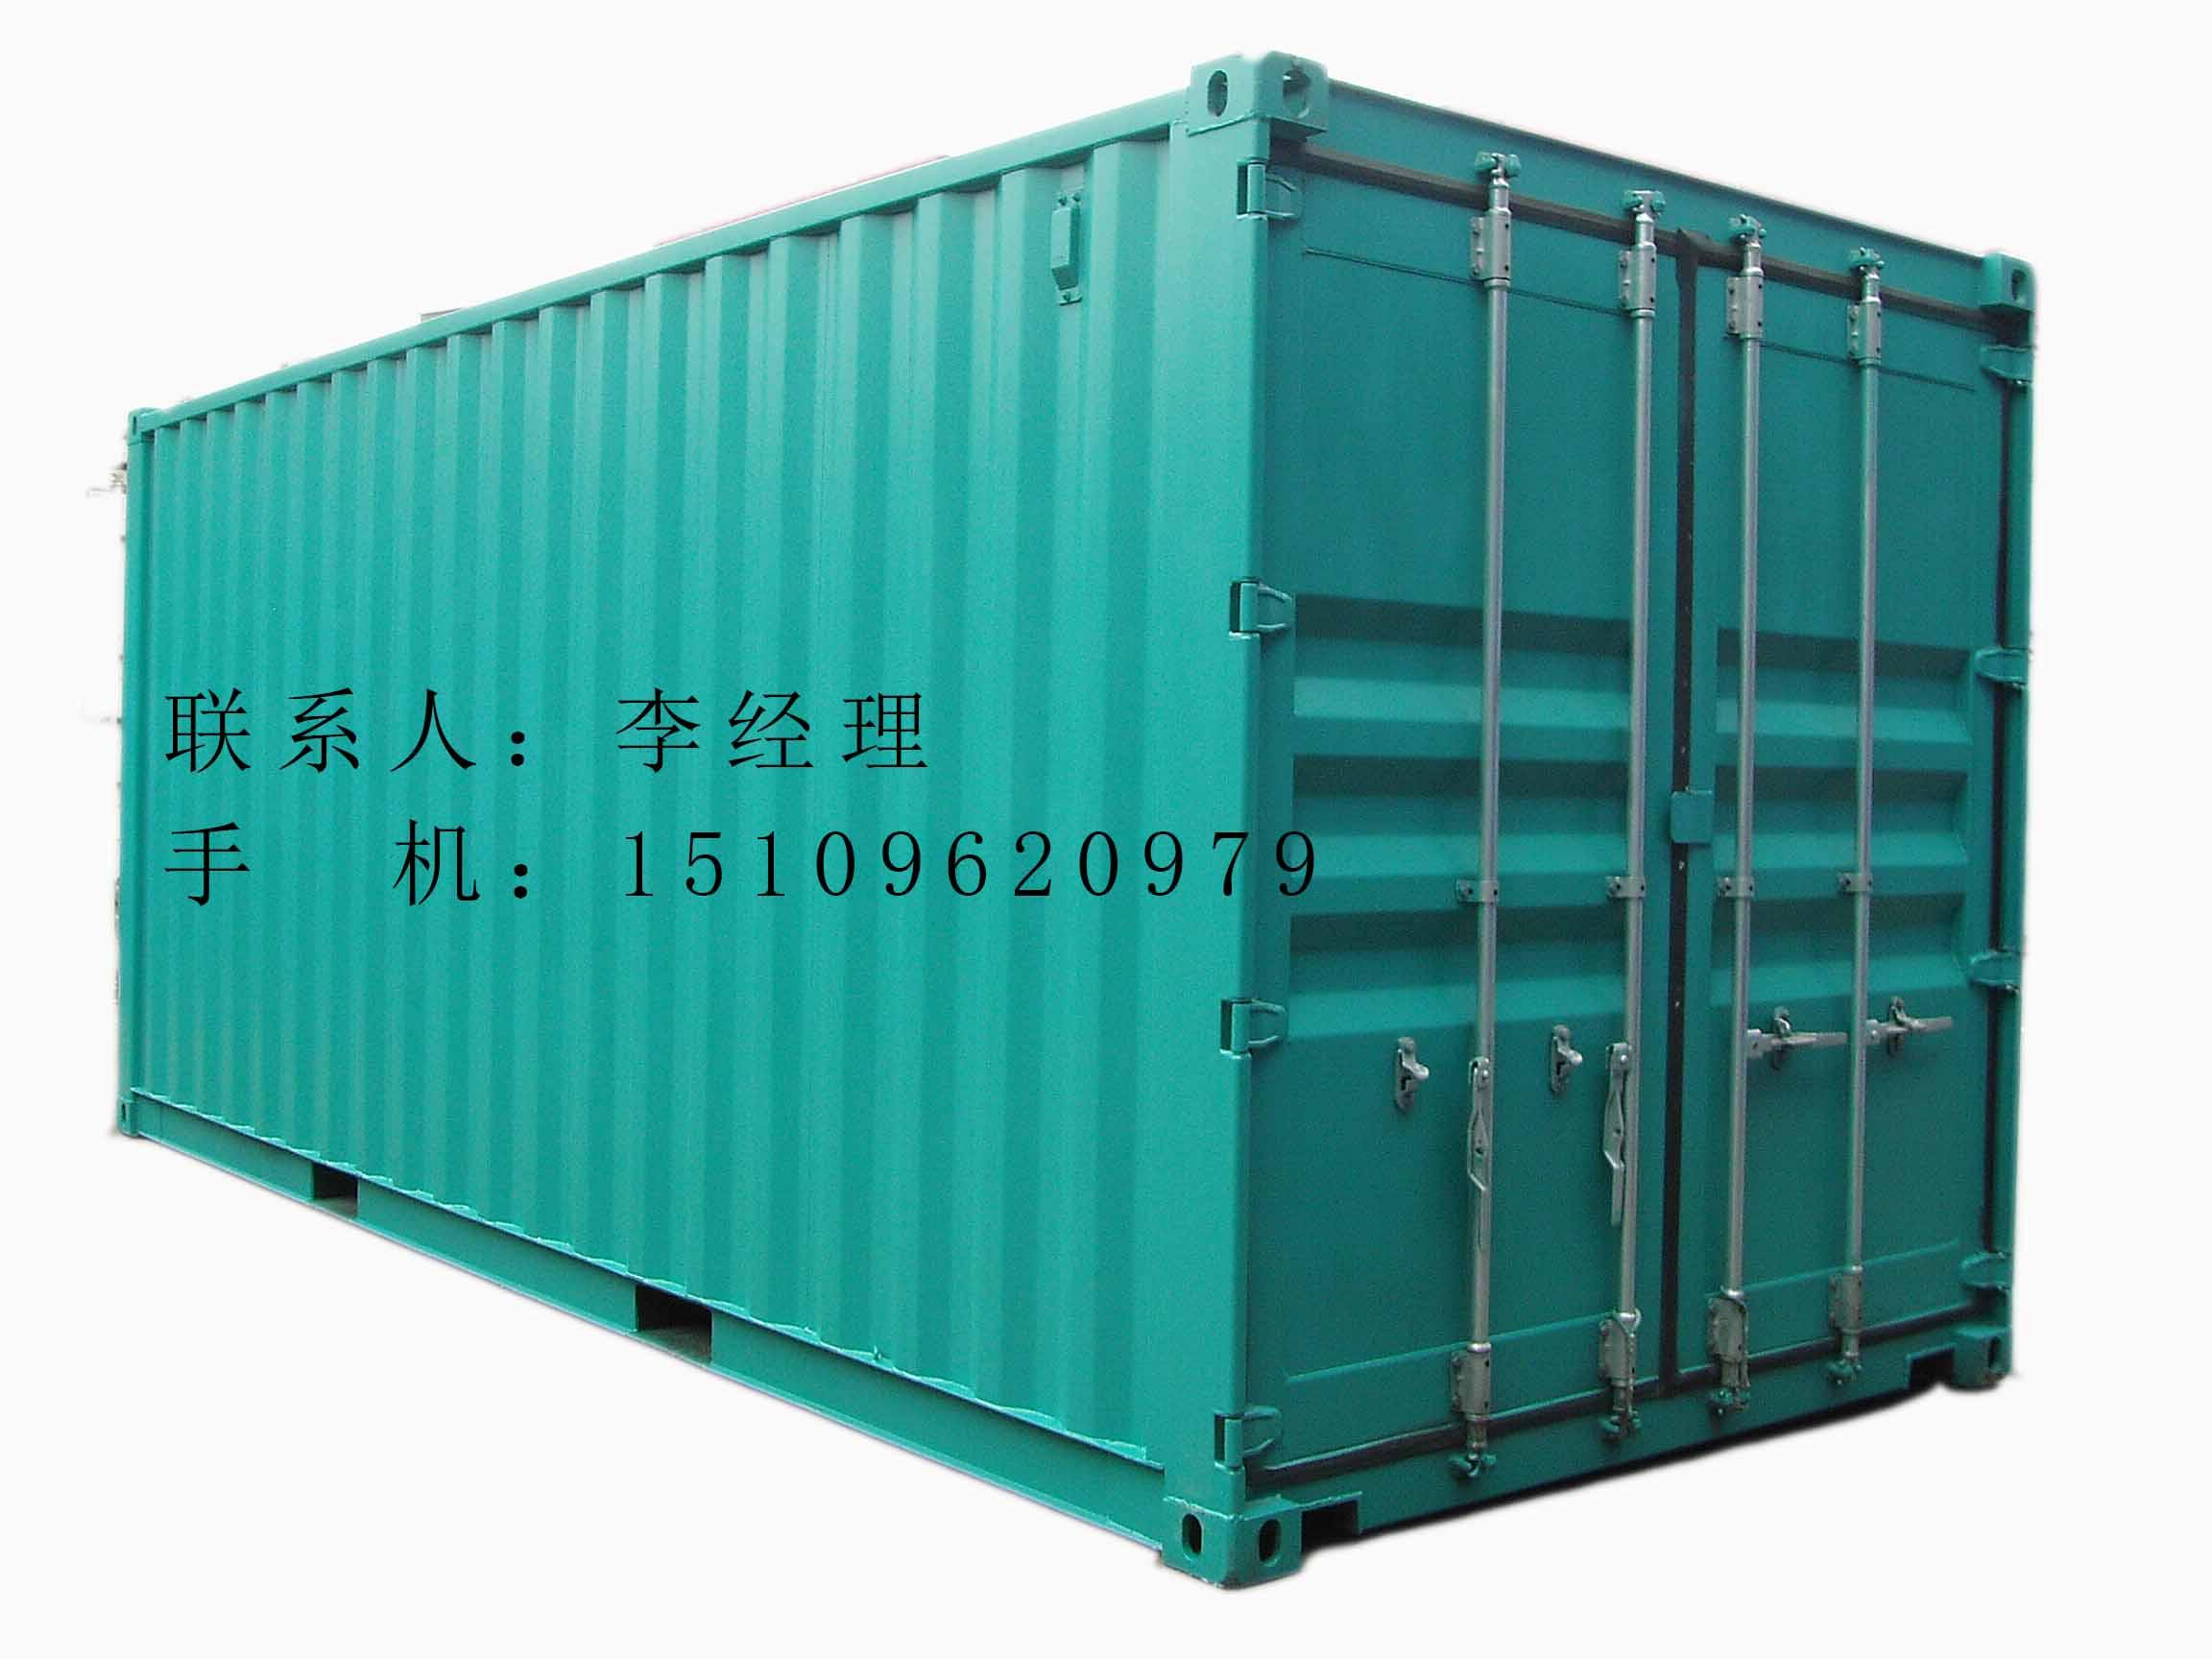 宁夏集装箱价格|银川集装箱供应商|宁夏质量好的集装箱